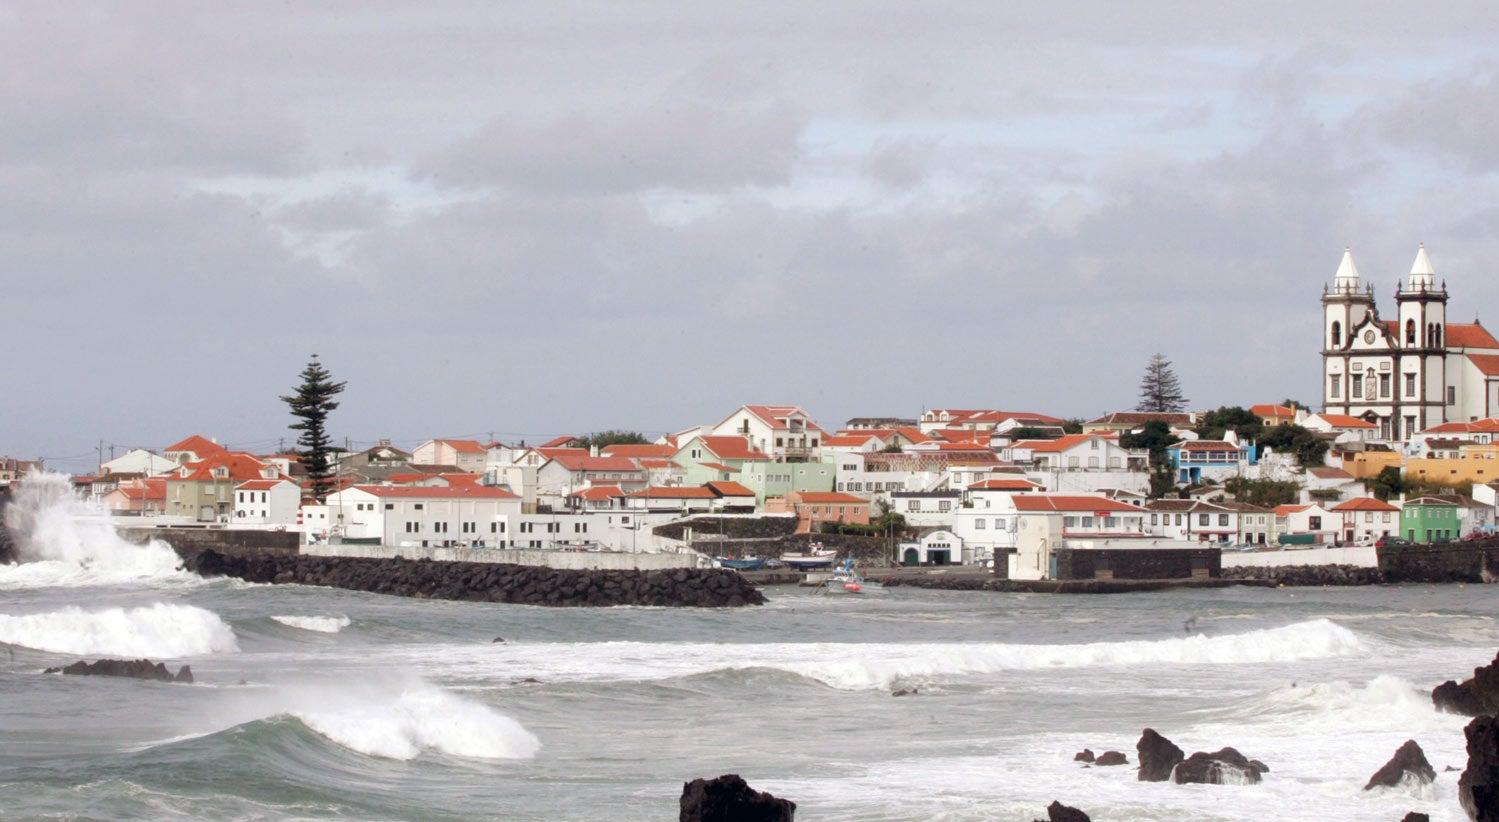 Vento atingiu 150 quilómetros por hora nos Açores